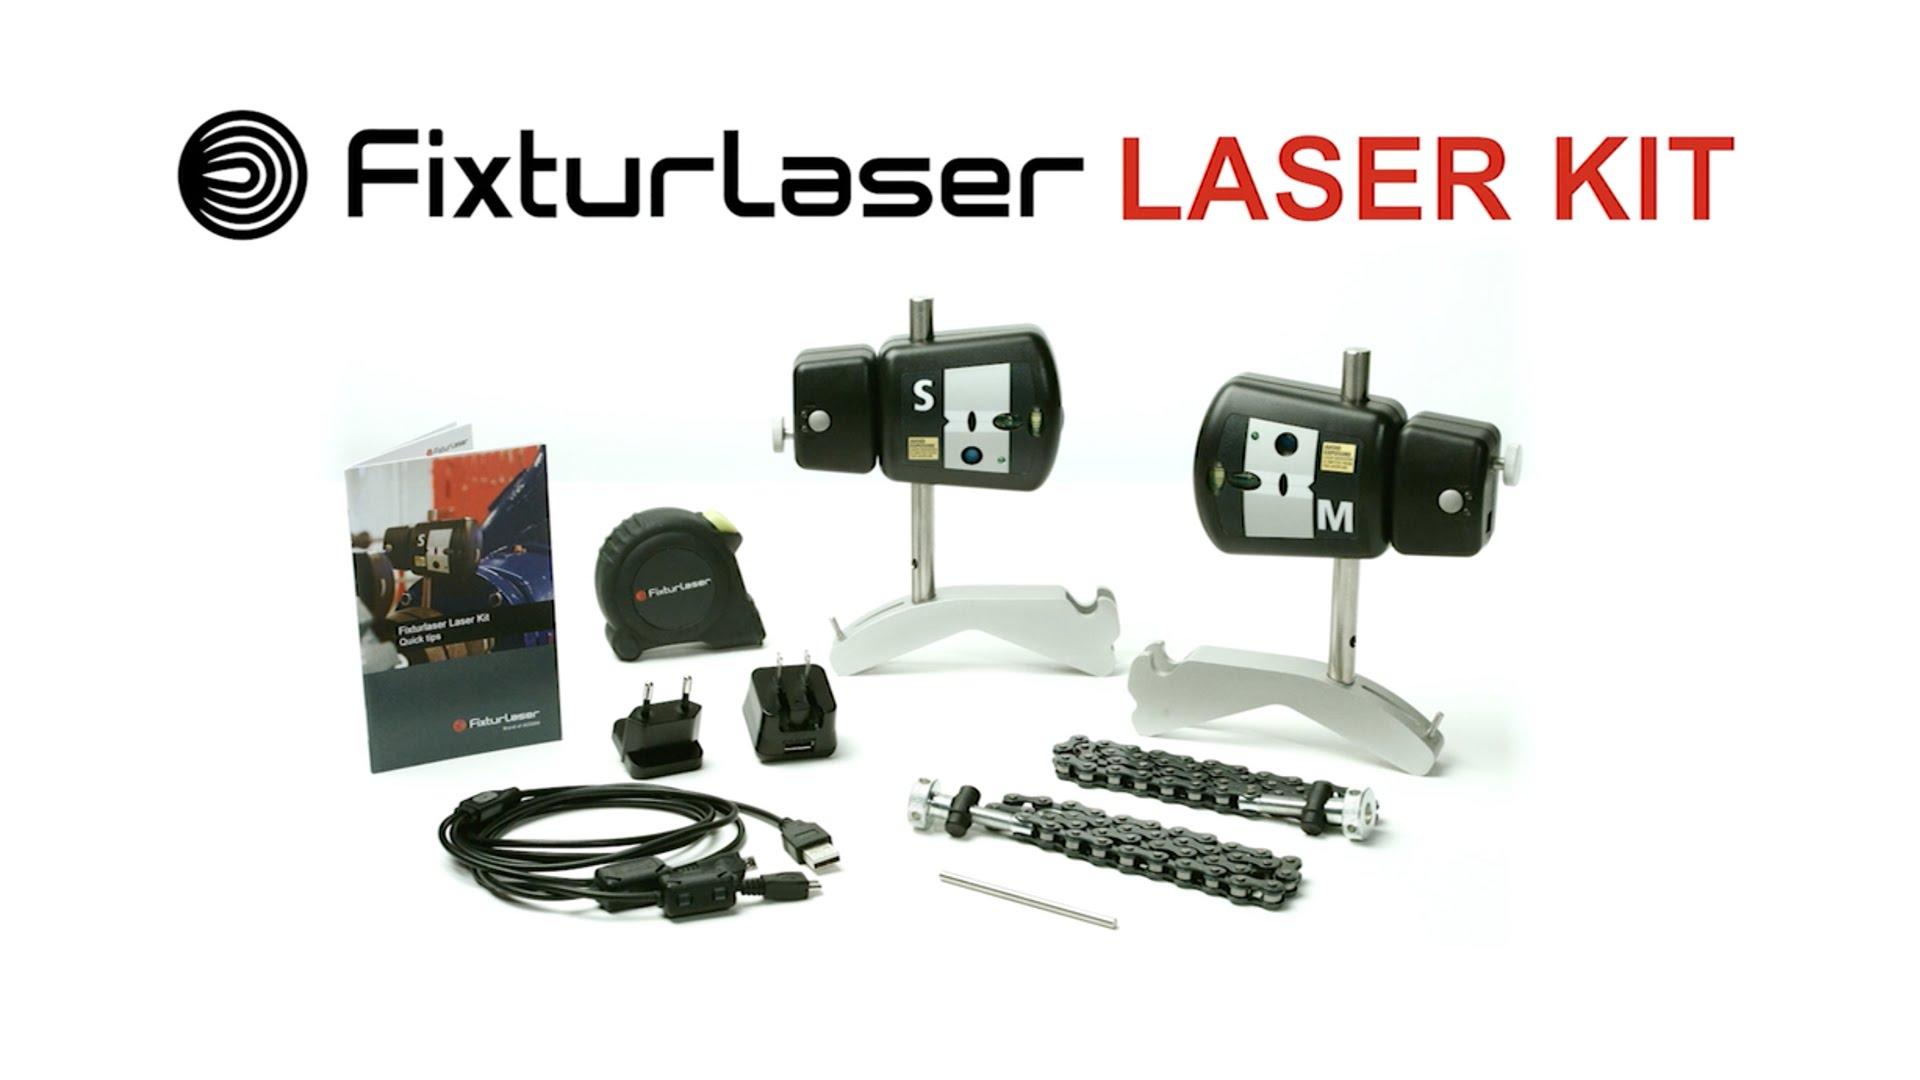 Fixturlaser Laser Kit utleie